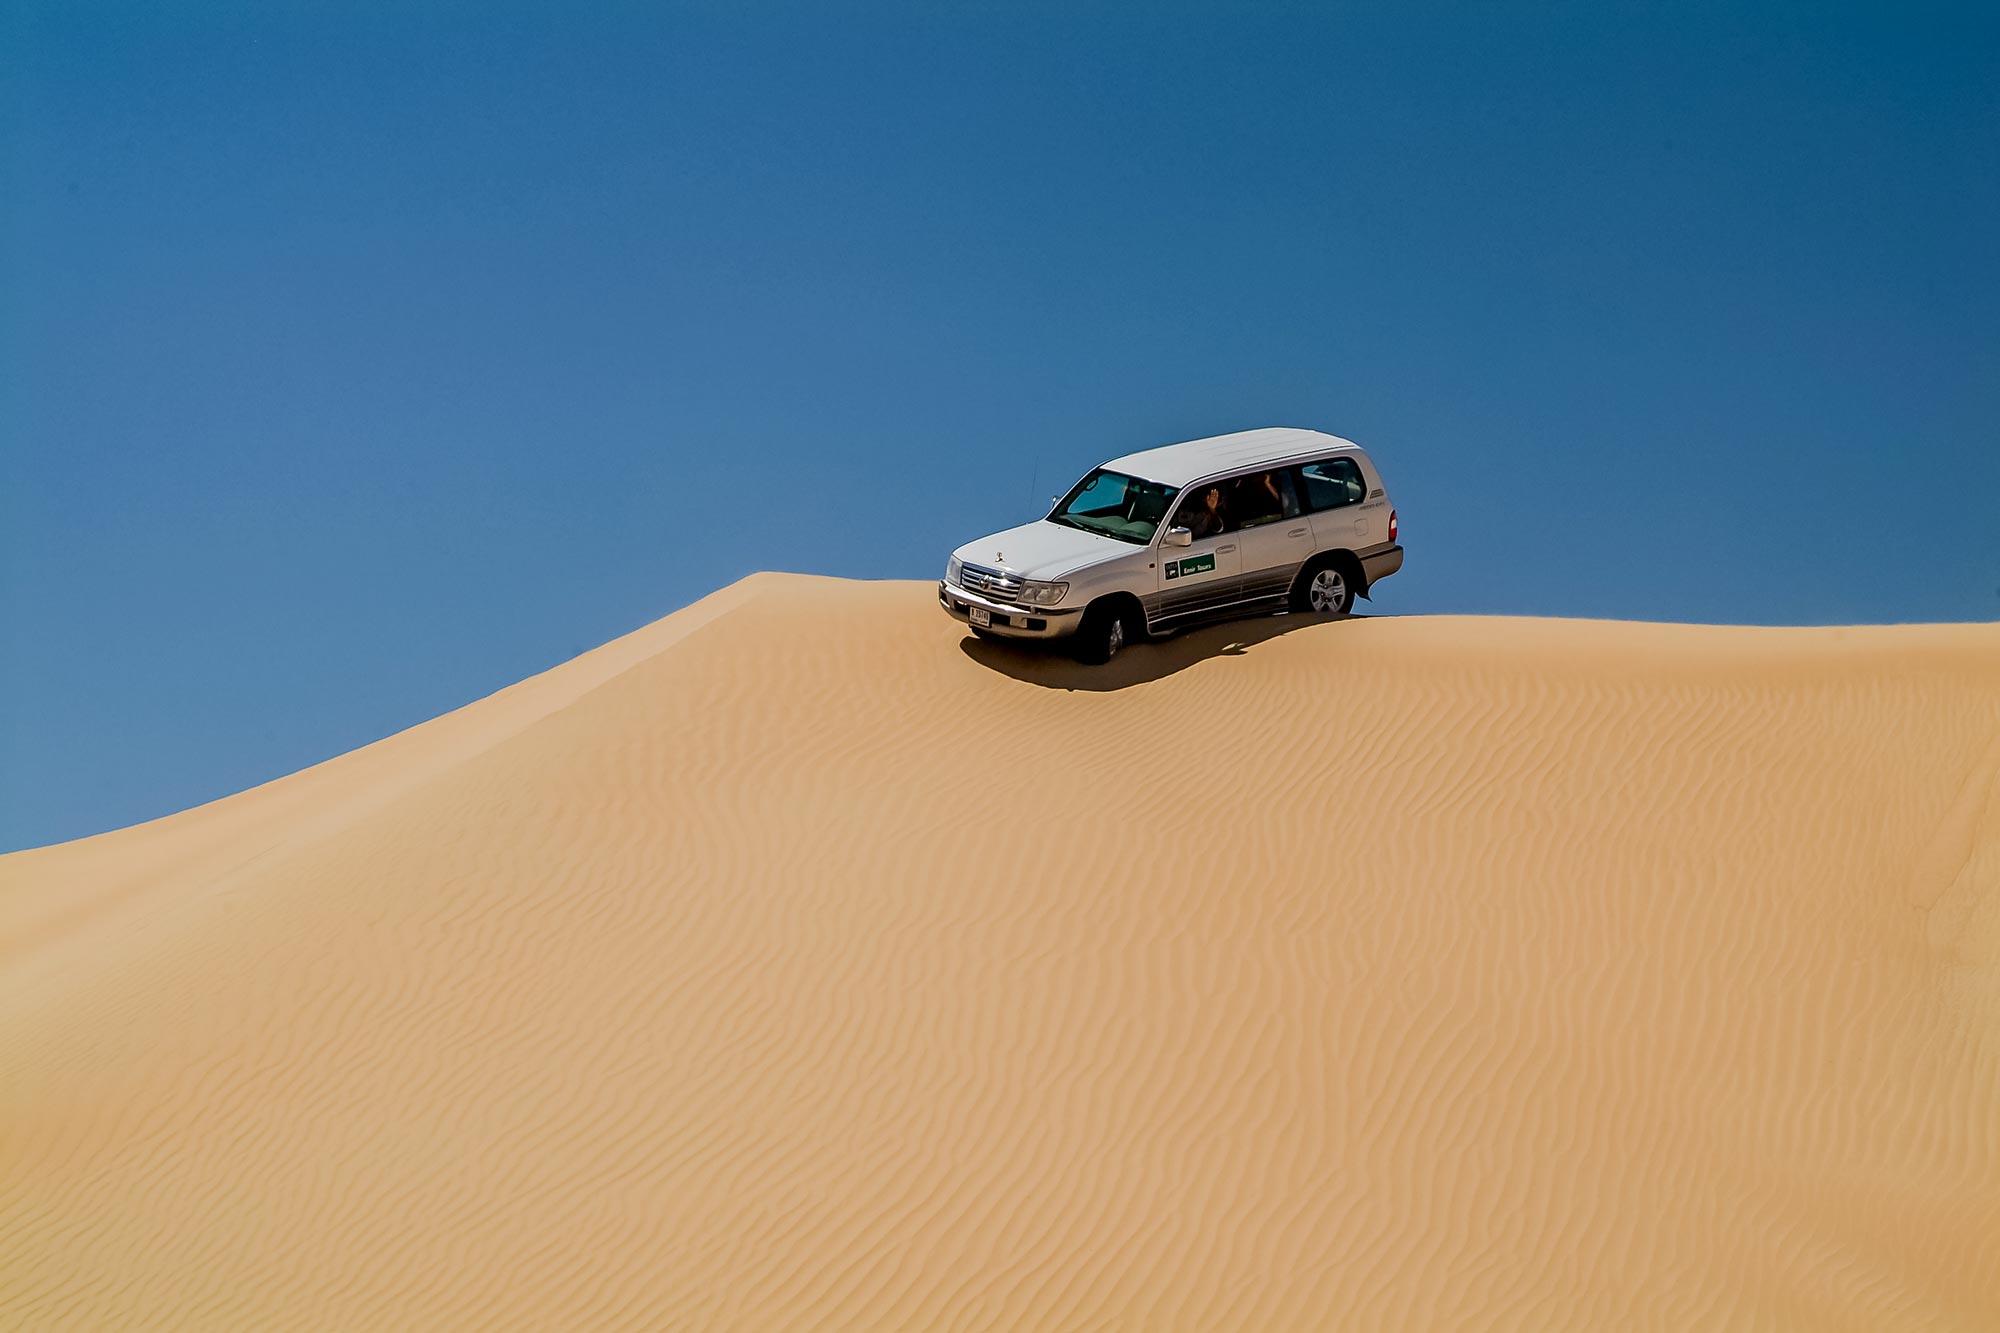 In der Arbaischen Wüste in Dubai